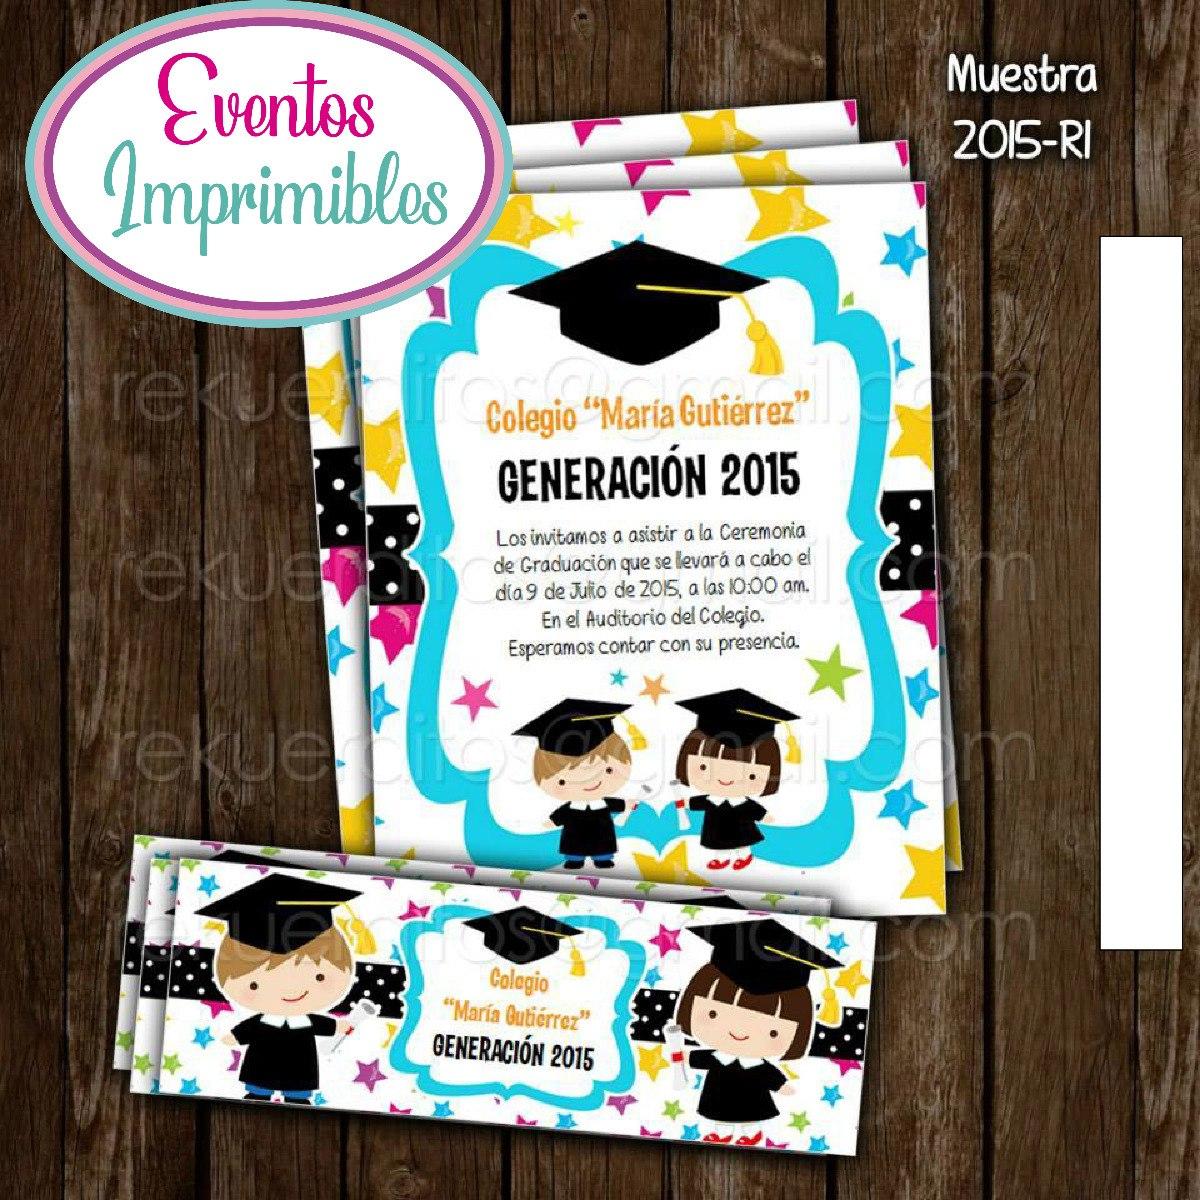 Kit Imprimible Invitación Graduación Niños - $ 25.00 en Mercado Libre